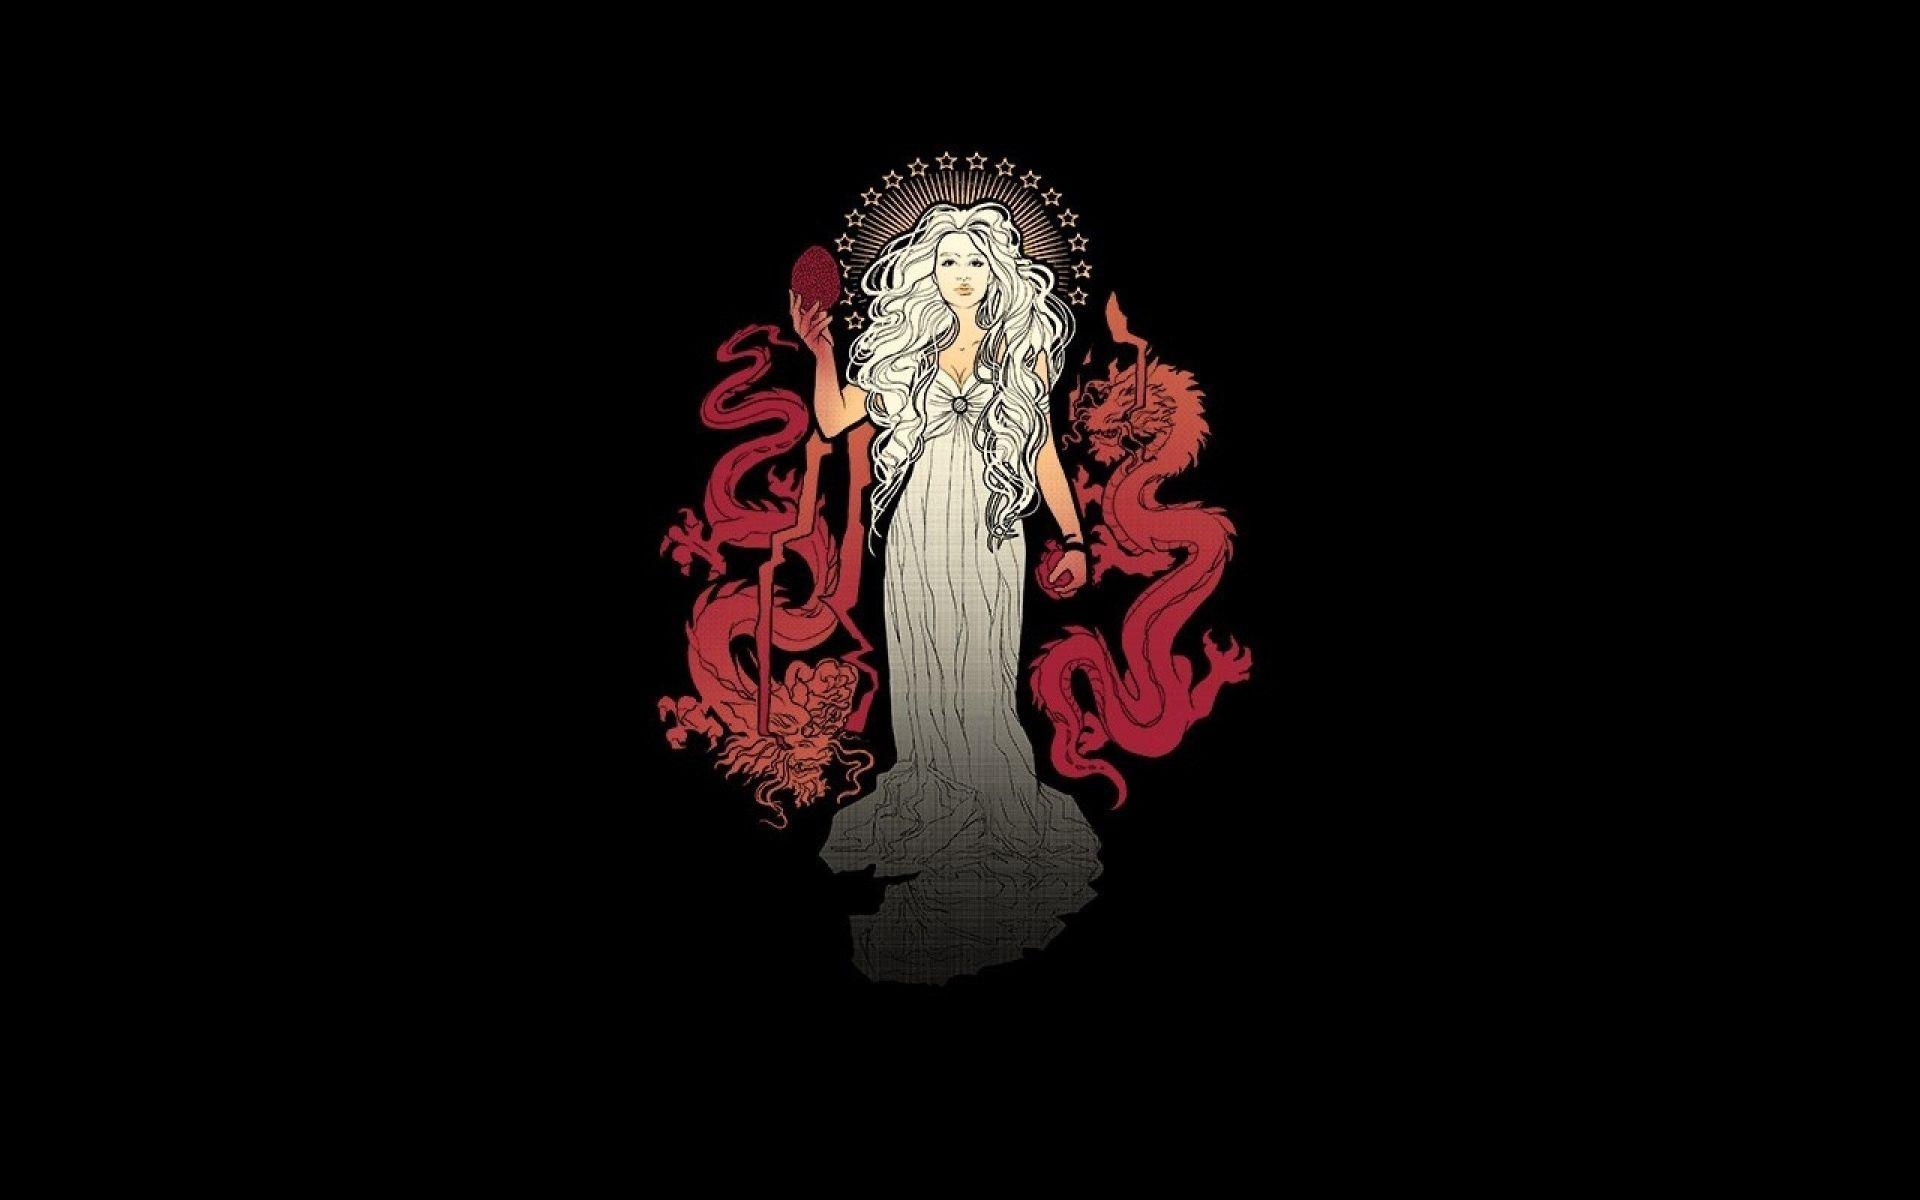 Daenerys Targaryen minimal fan art